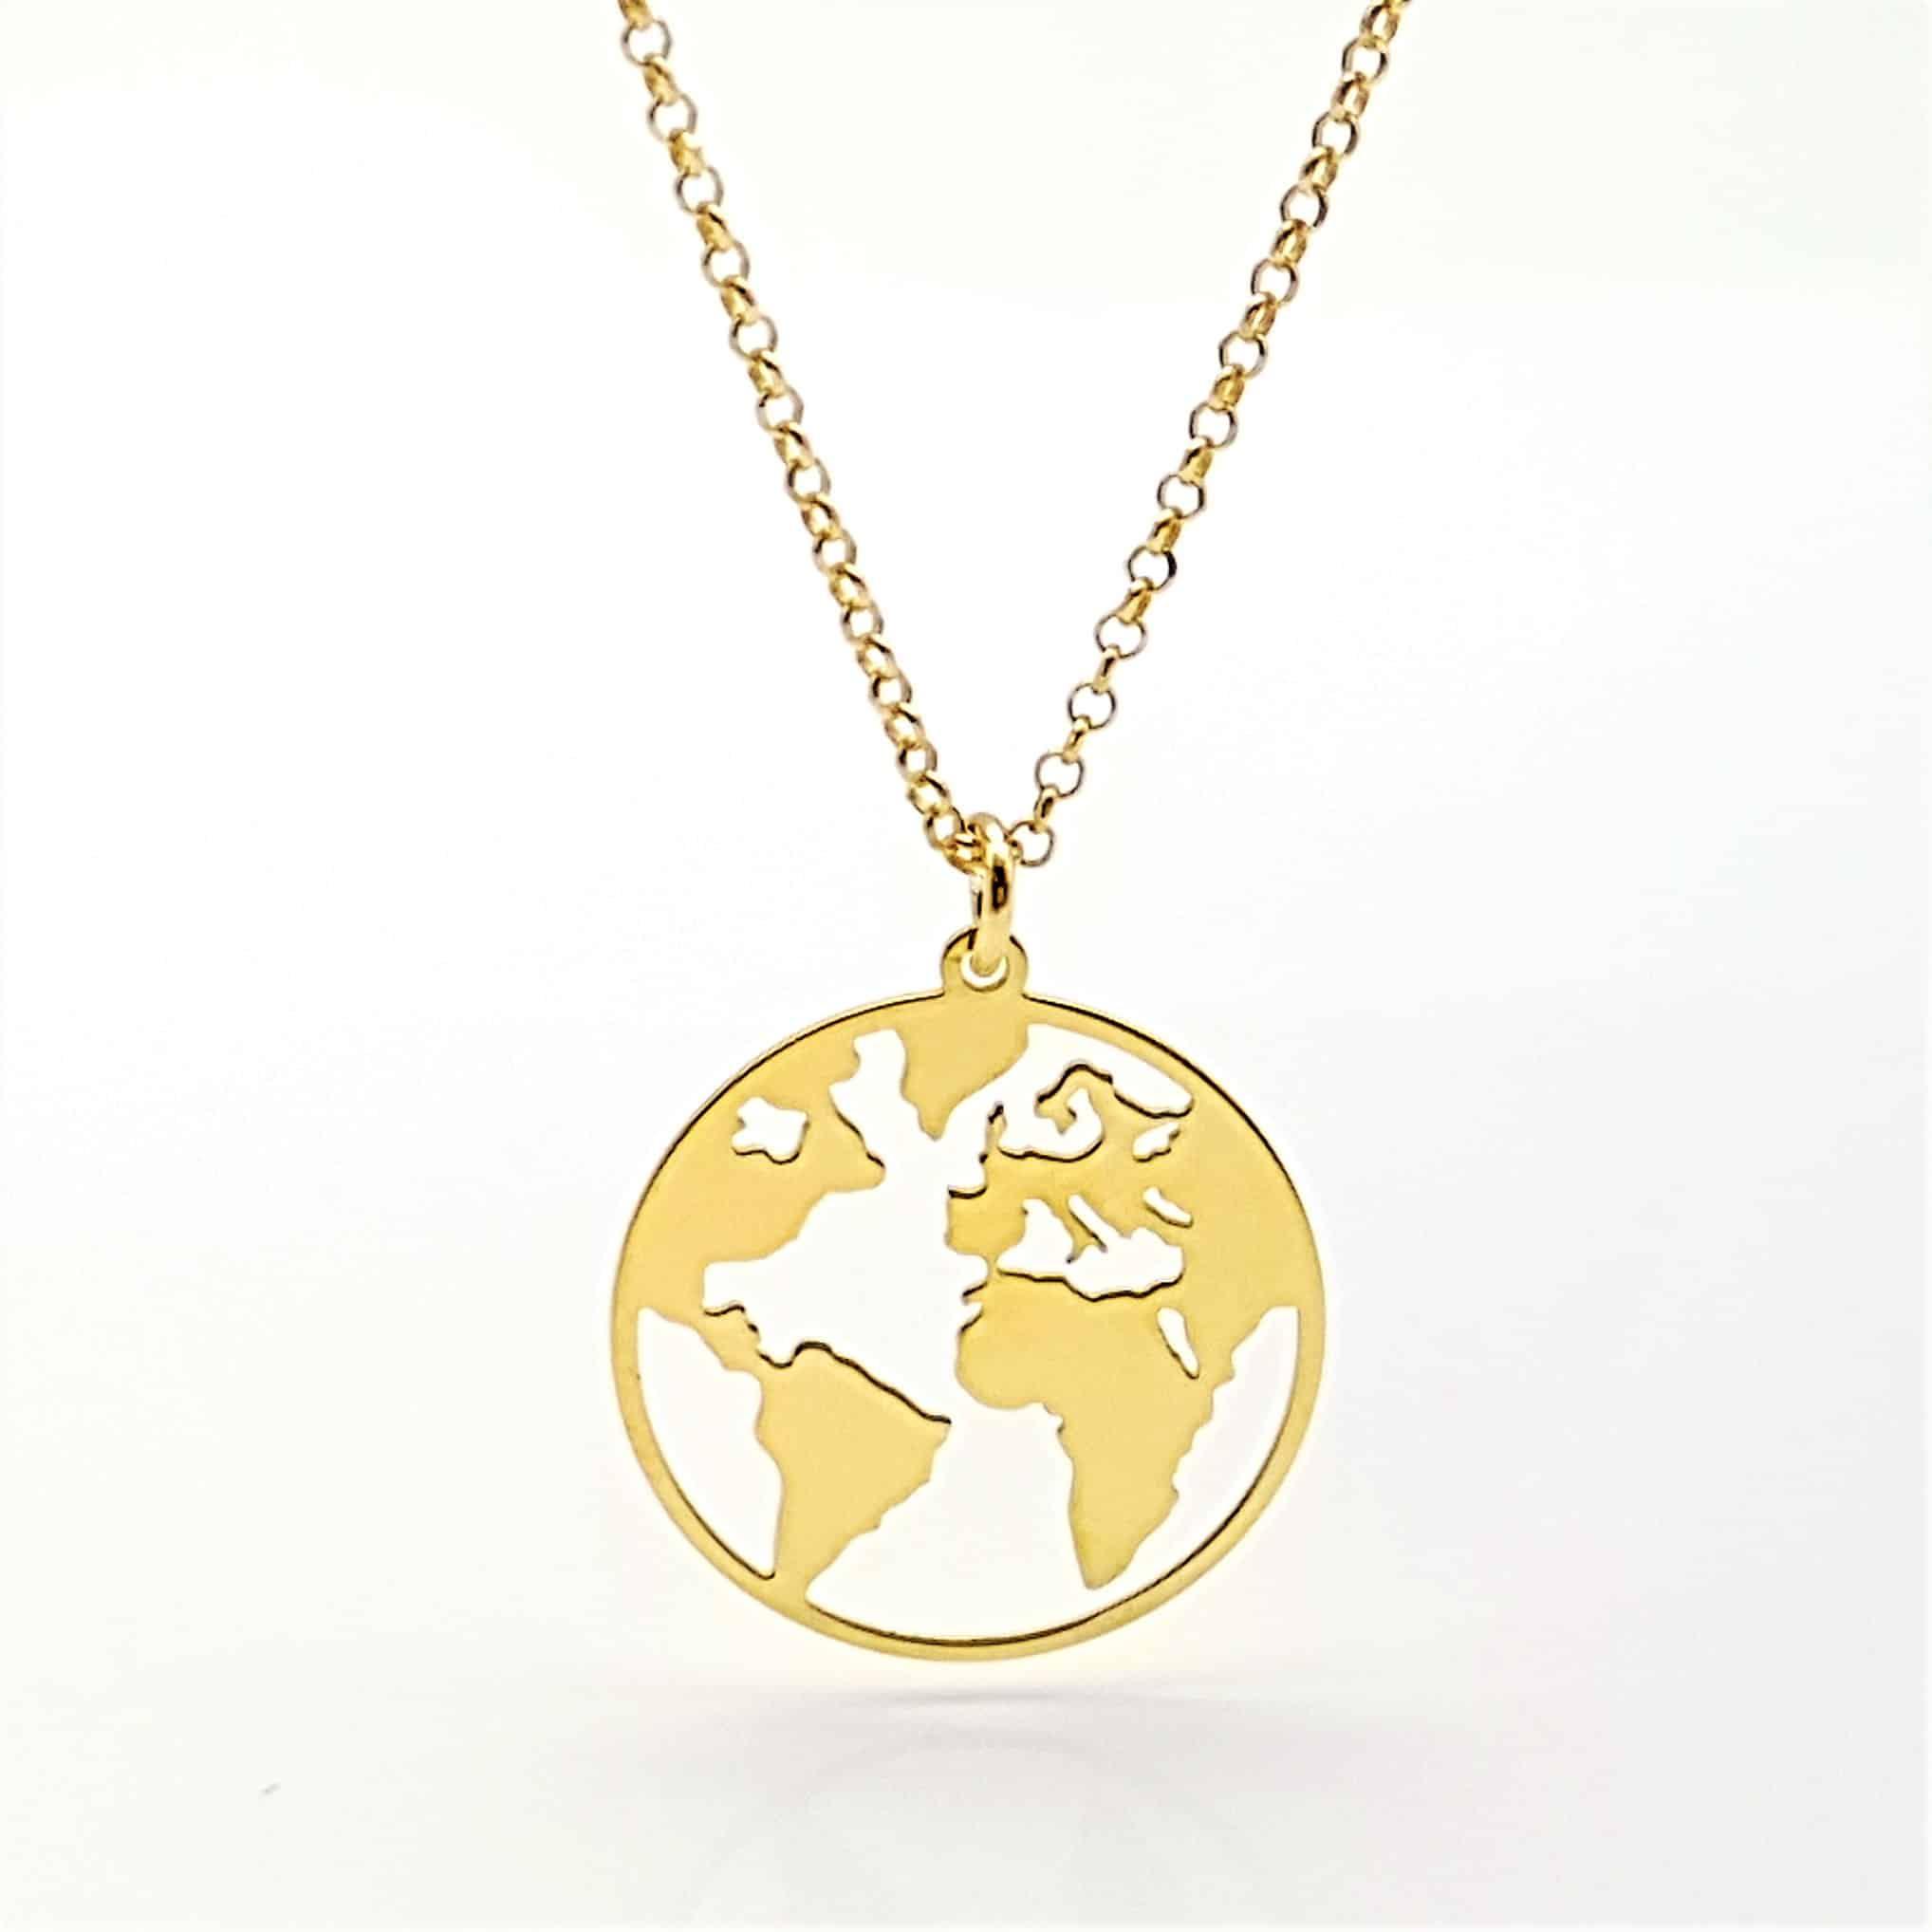 Colgante Mundo plata chapado en oro (3)